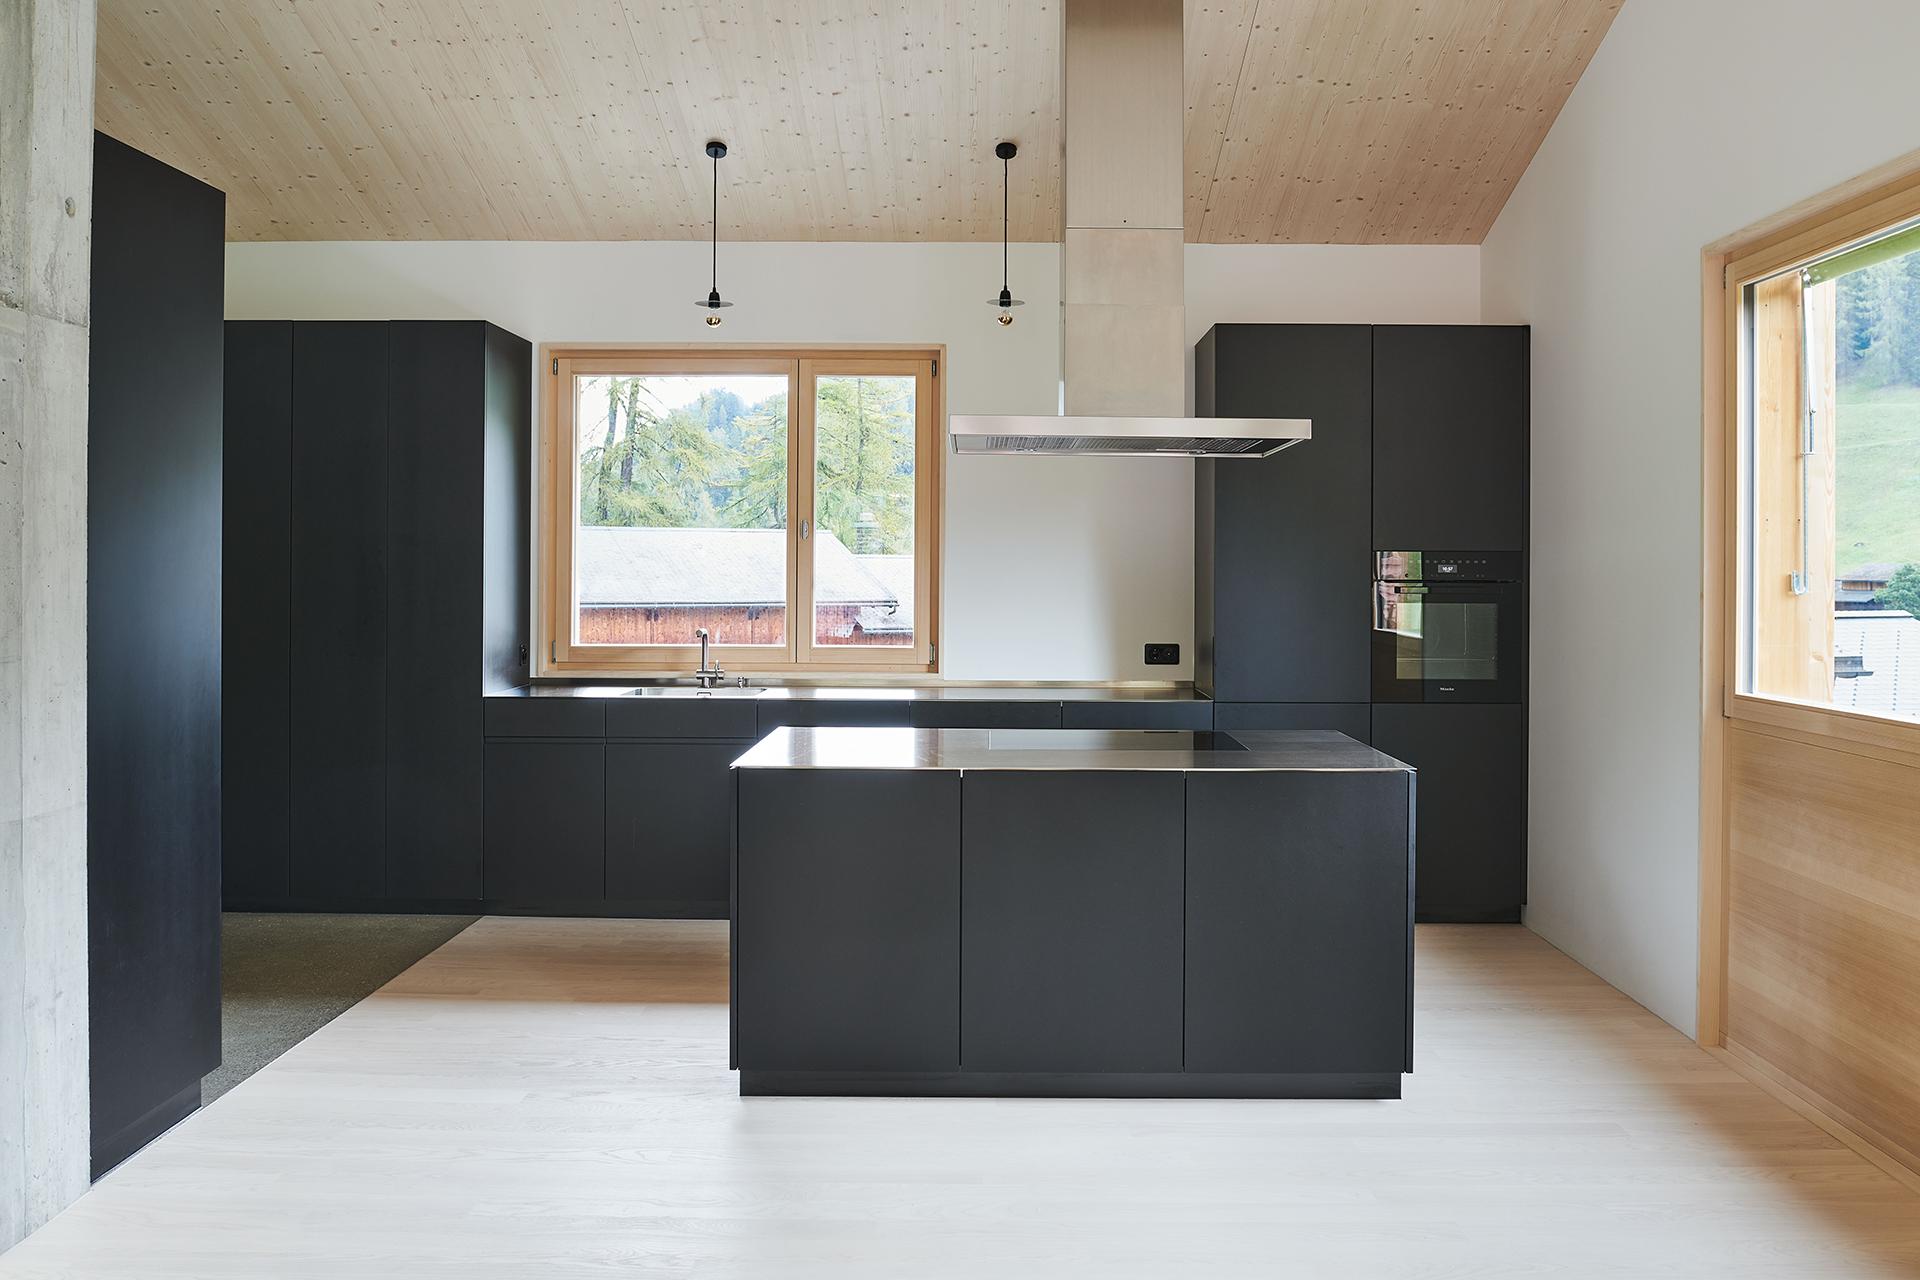 schwarze küche mit chromstahlabdeckung, davos ortolfi